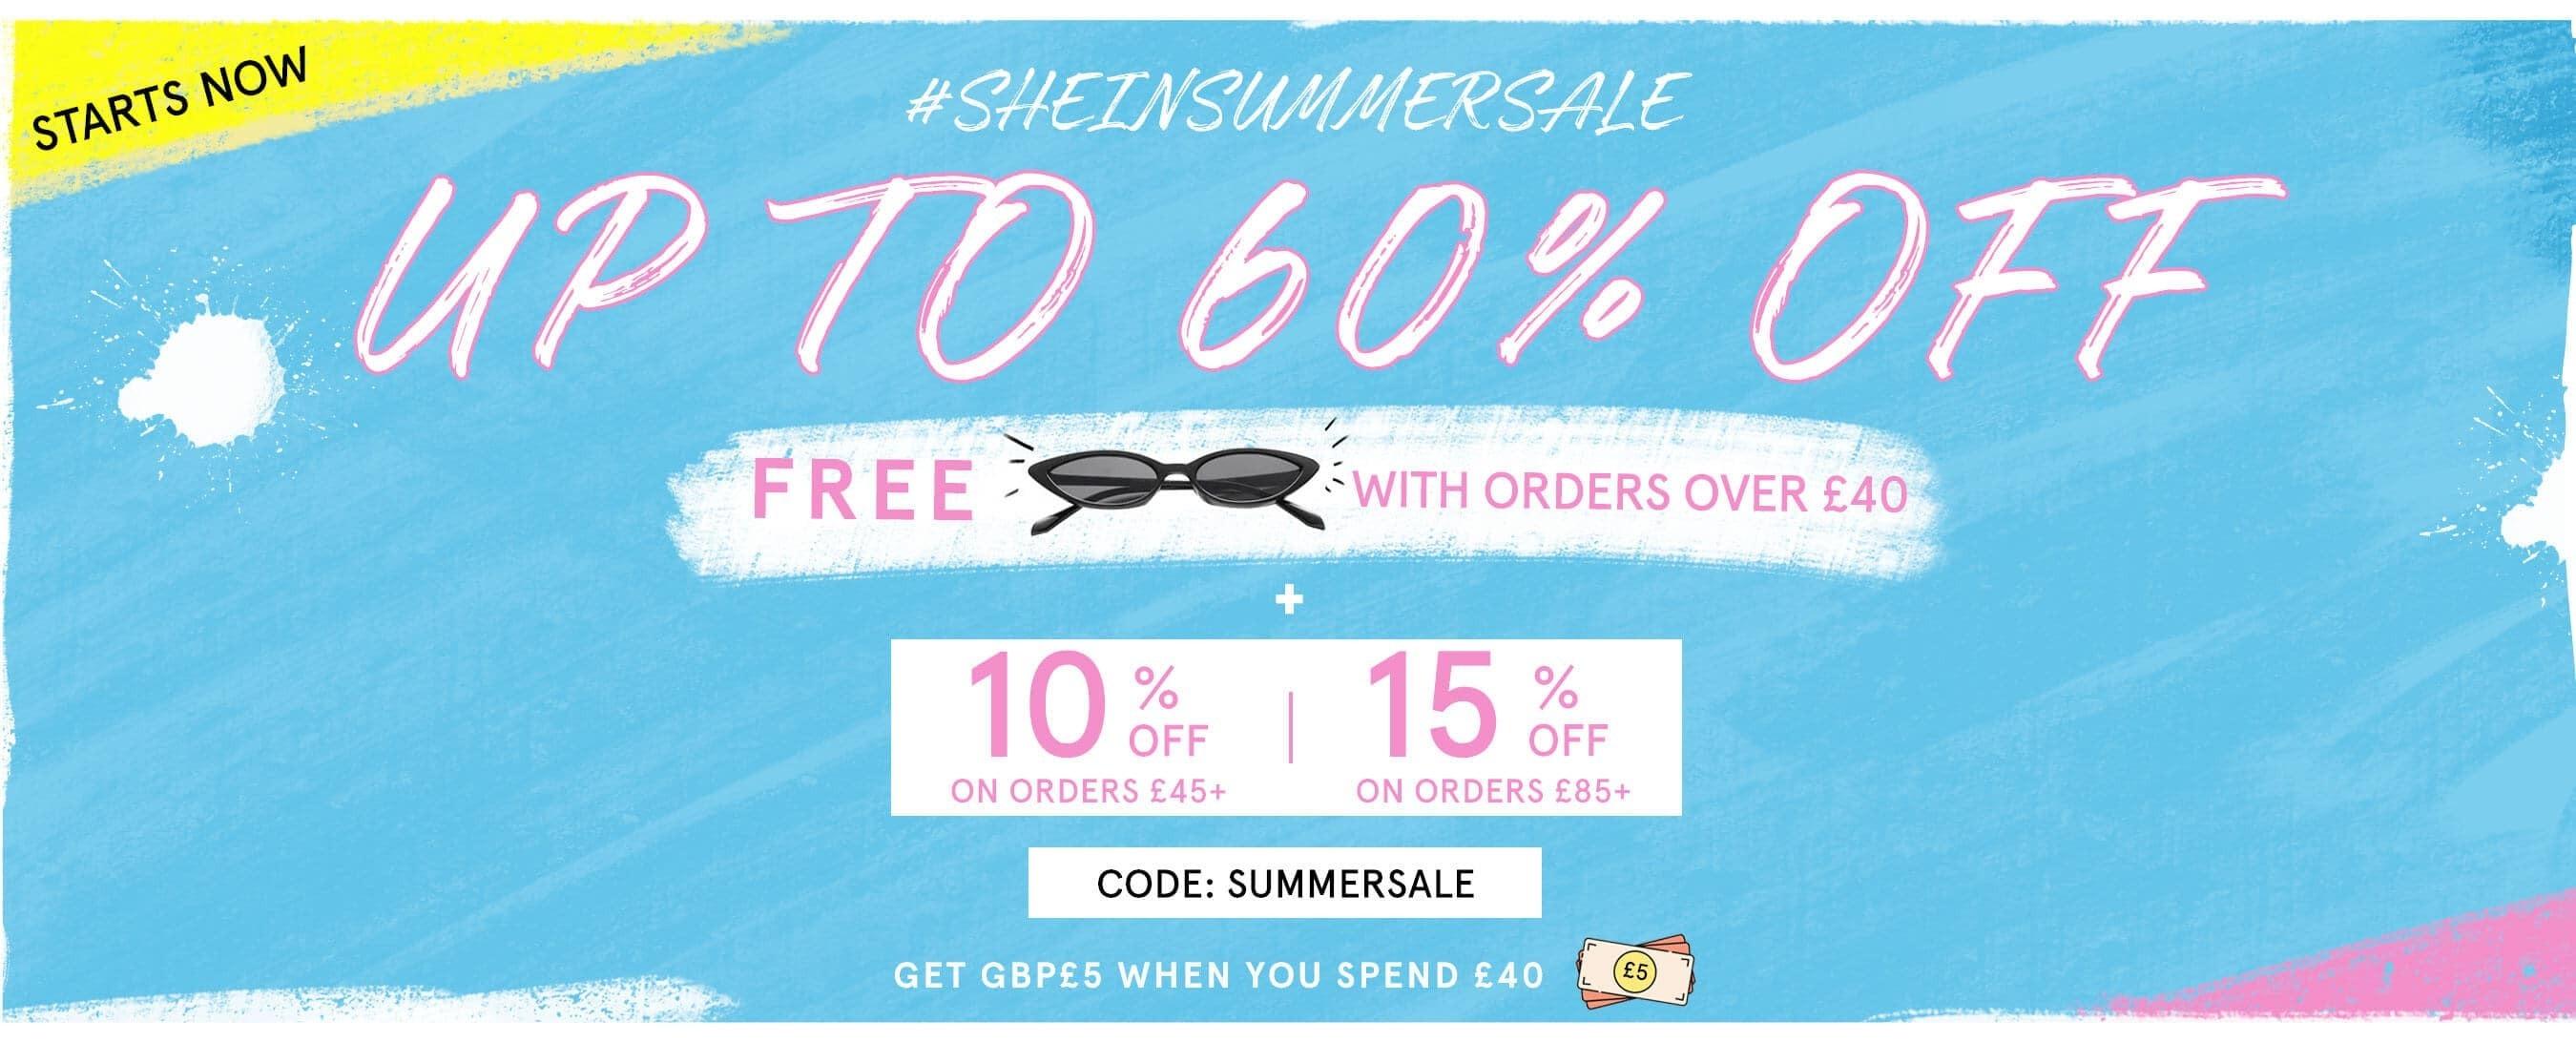 9161e530a Women's Clothing & Fashion, Shop Womenswear Clothing | SHEIN UK